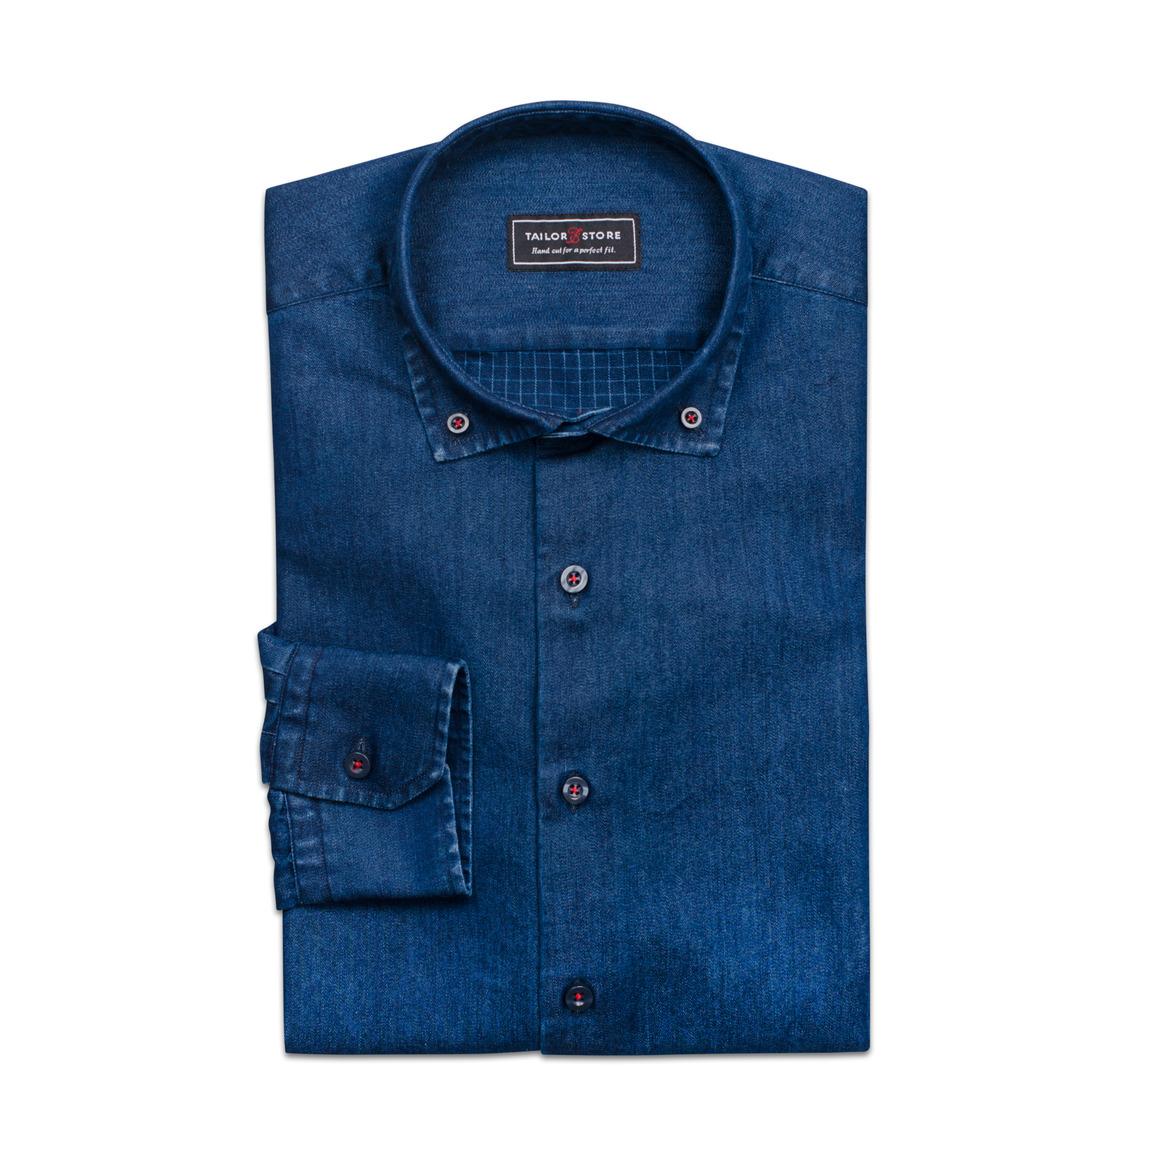 Trendig indigoblå jeansskjorta med rutig avigsida